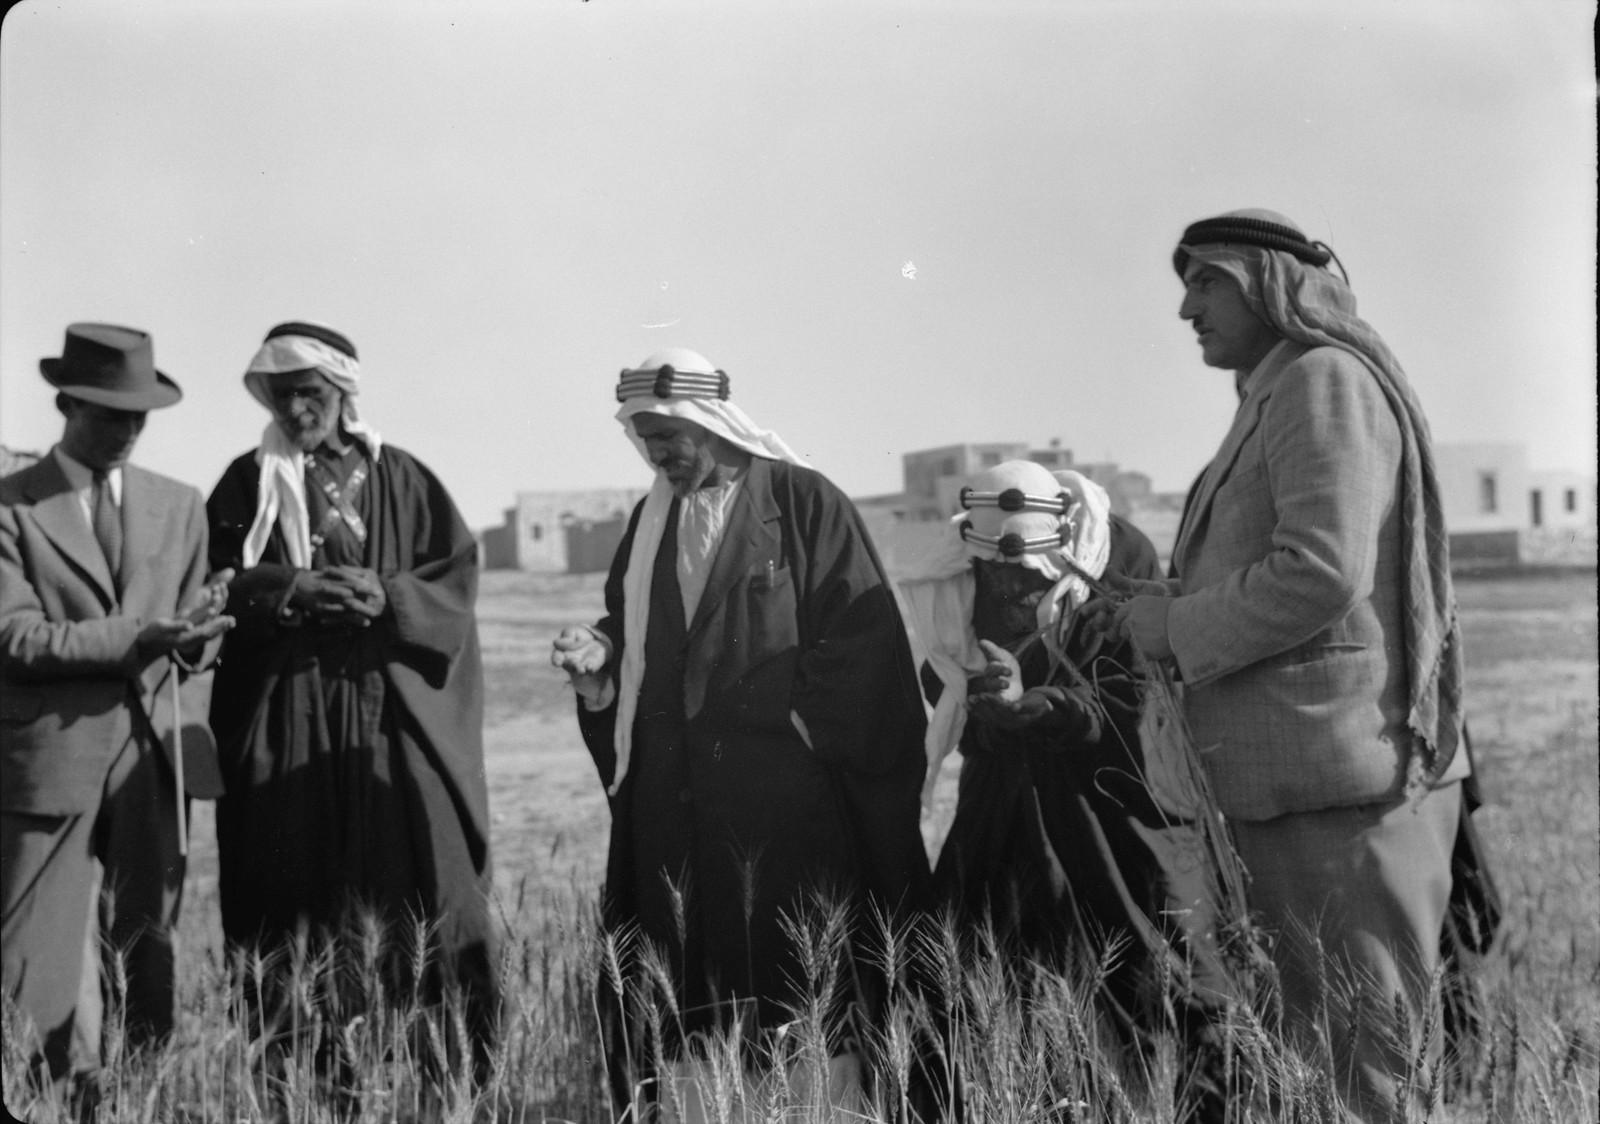 05. Субхи Эффенди Шаби объясняет бедуинским шейхам преимущества австралийской пшеницы